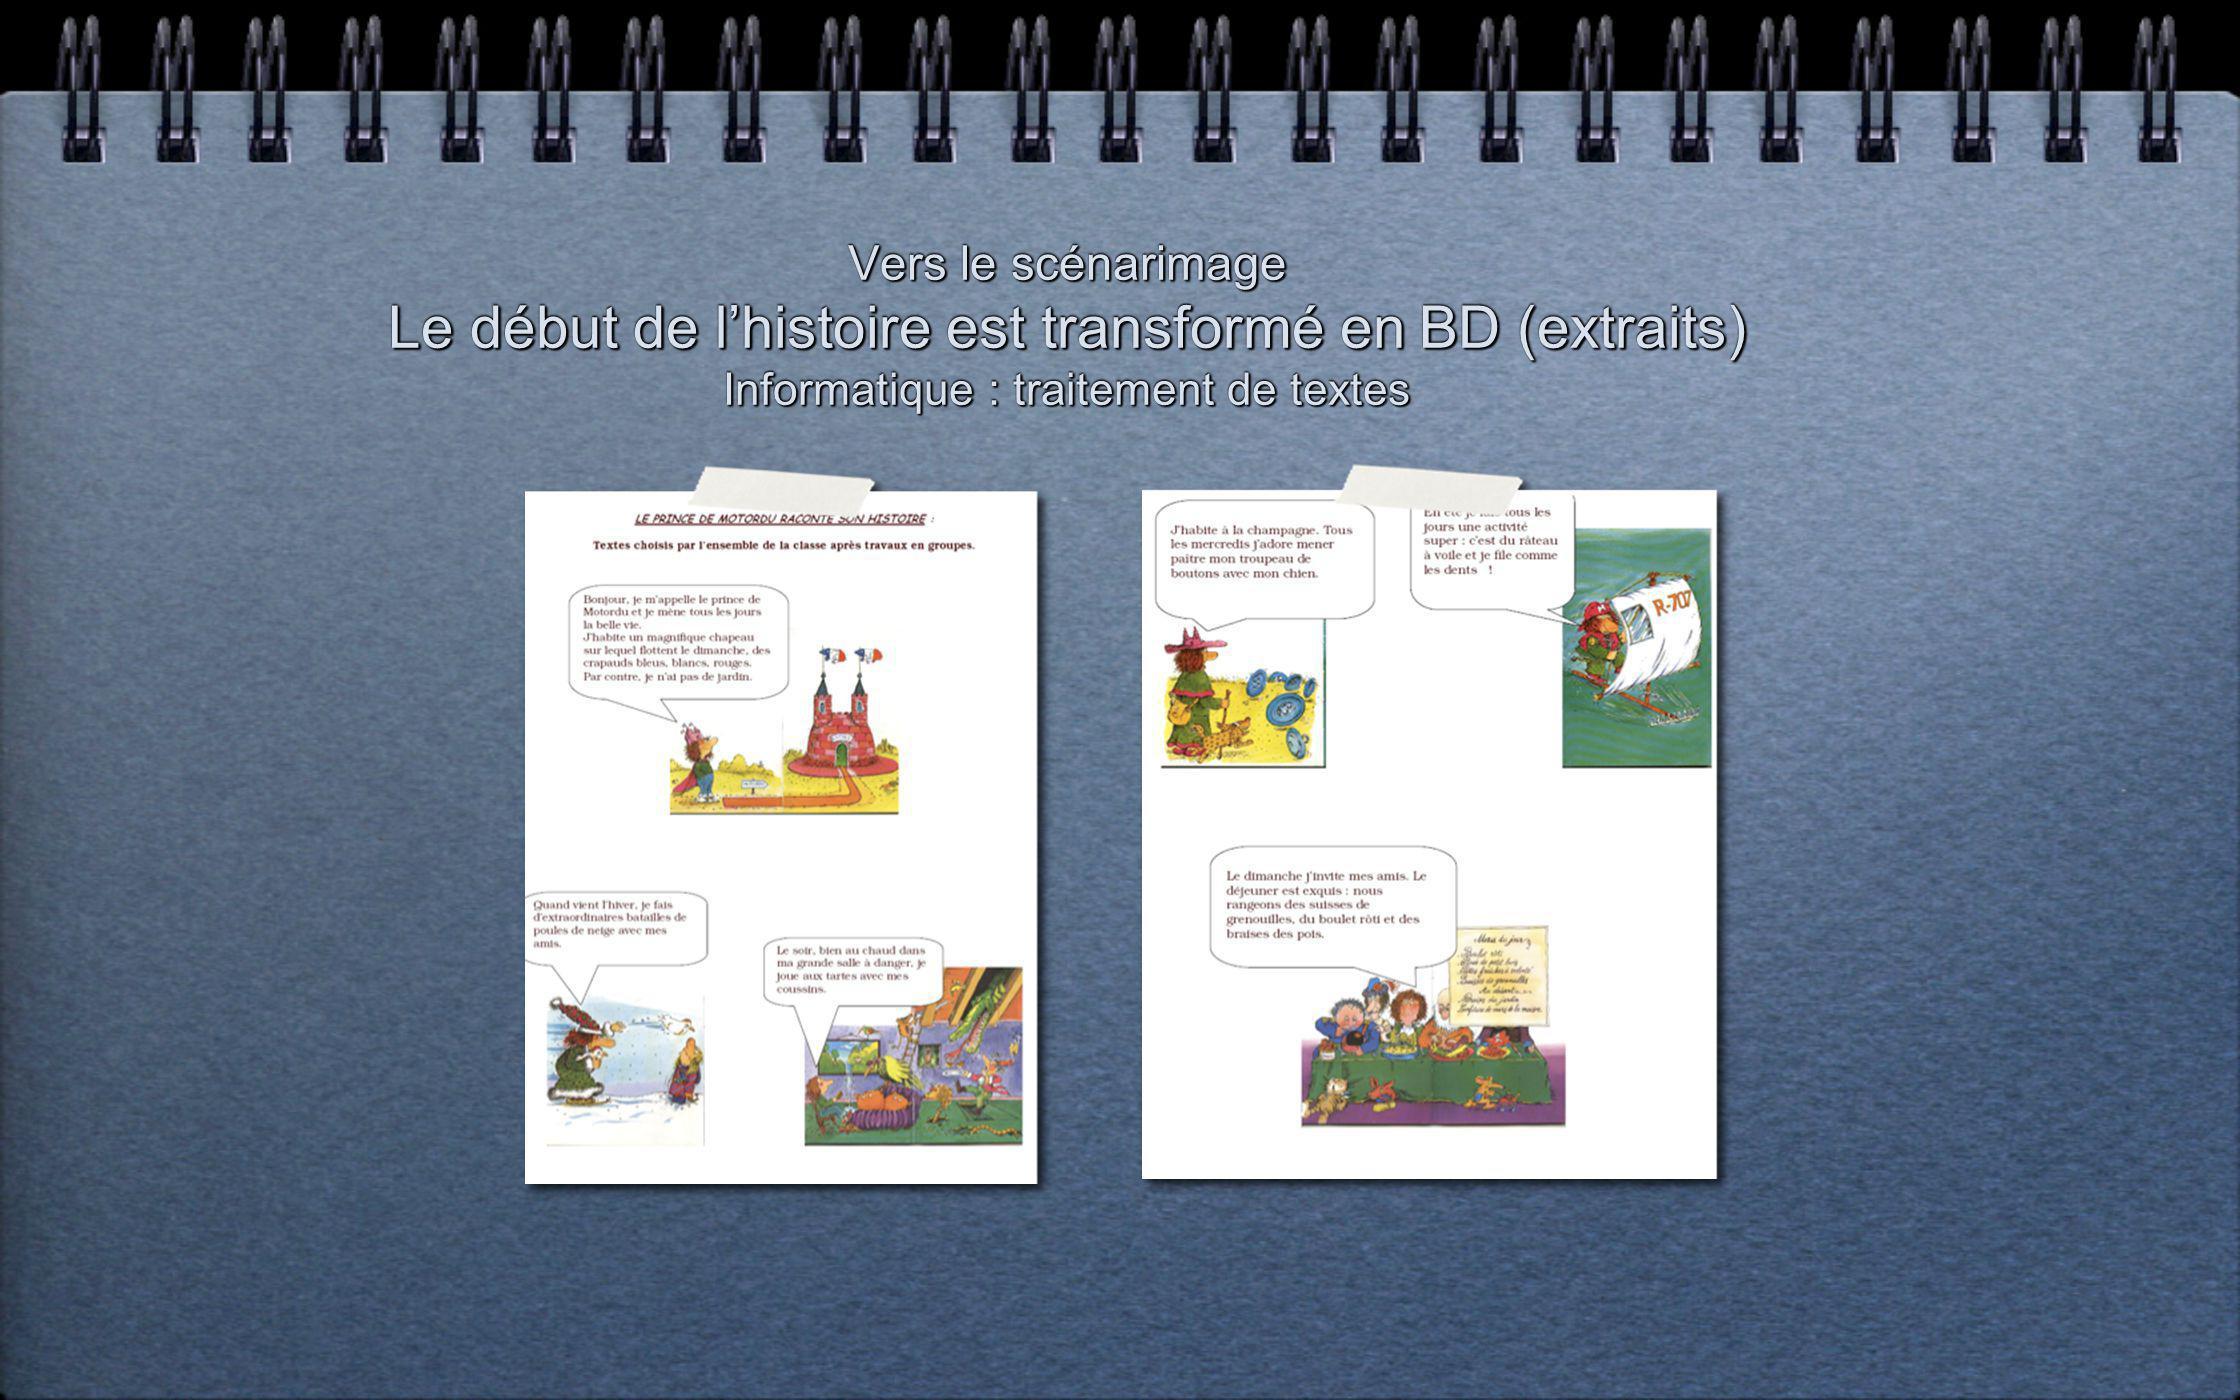 Production de textes : - Par groupes de 2, les élèves complètent les bulles de 3 vignettes en prenant appui sur les illustrations de Pef. (BD : vers l